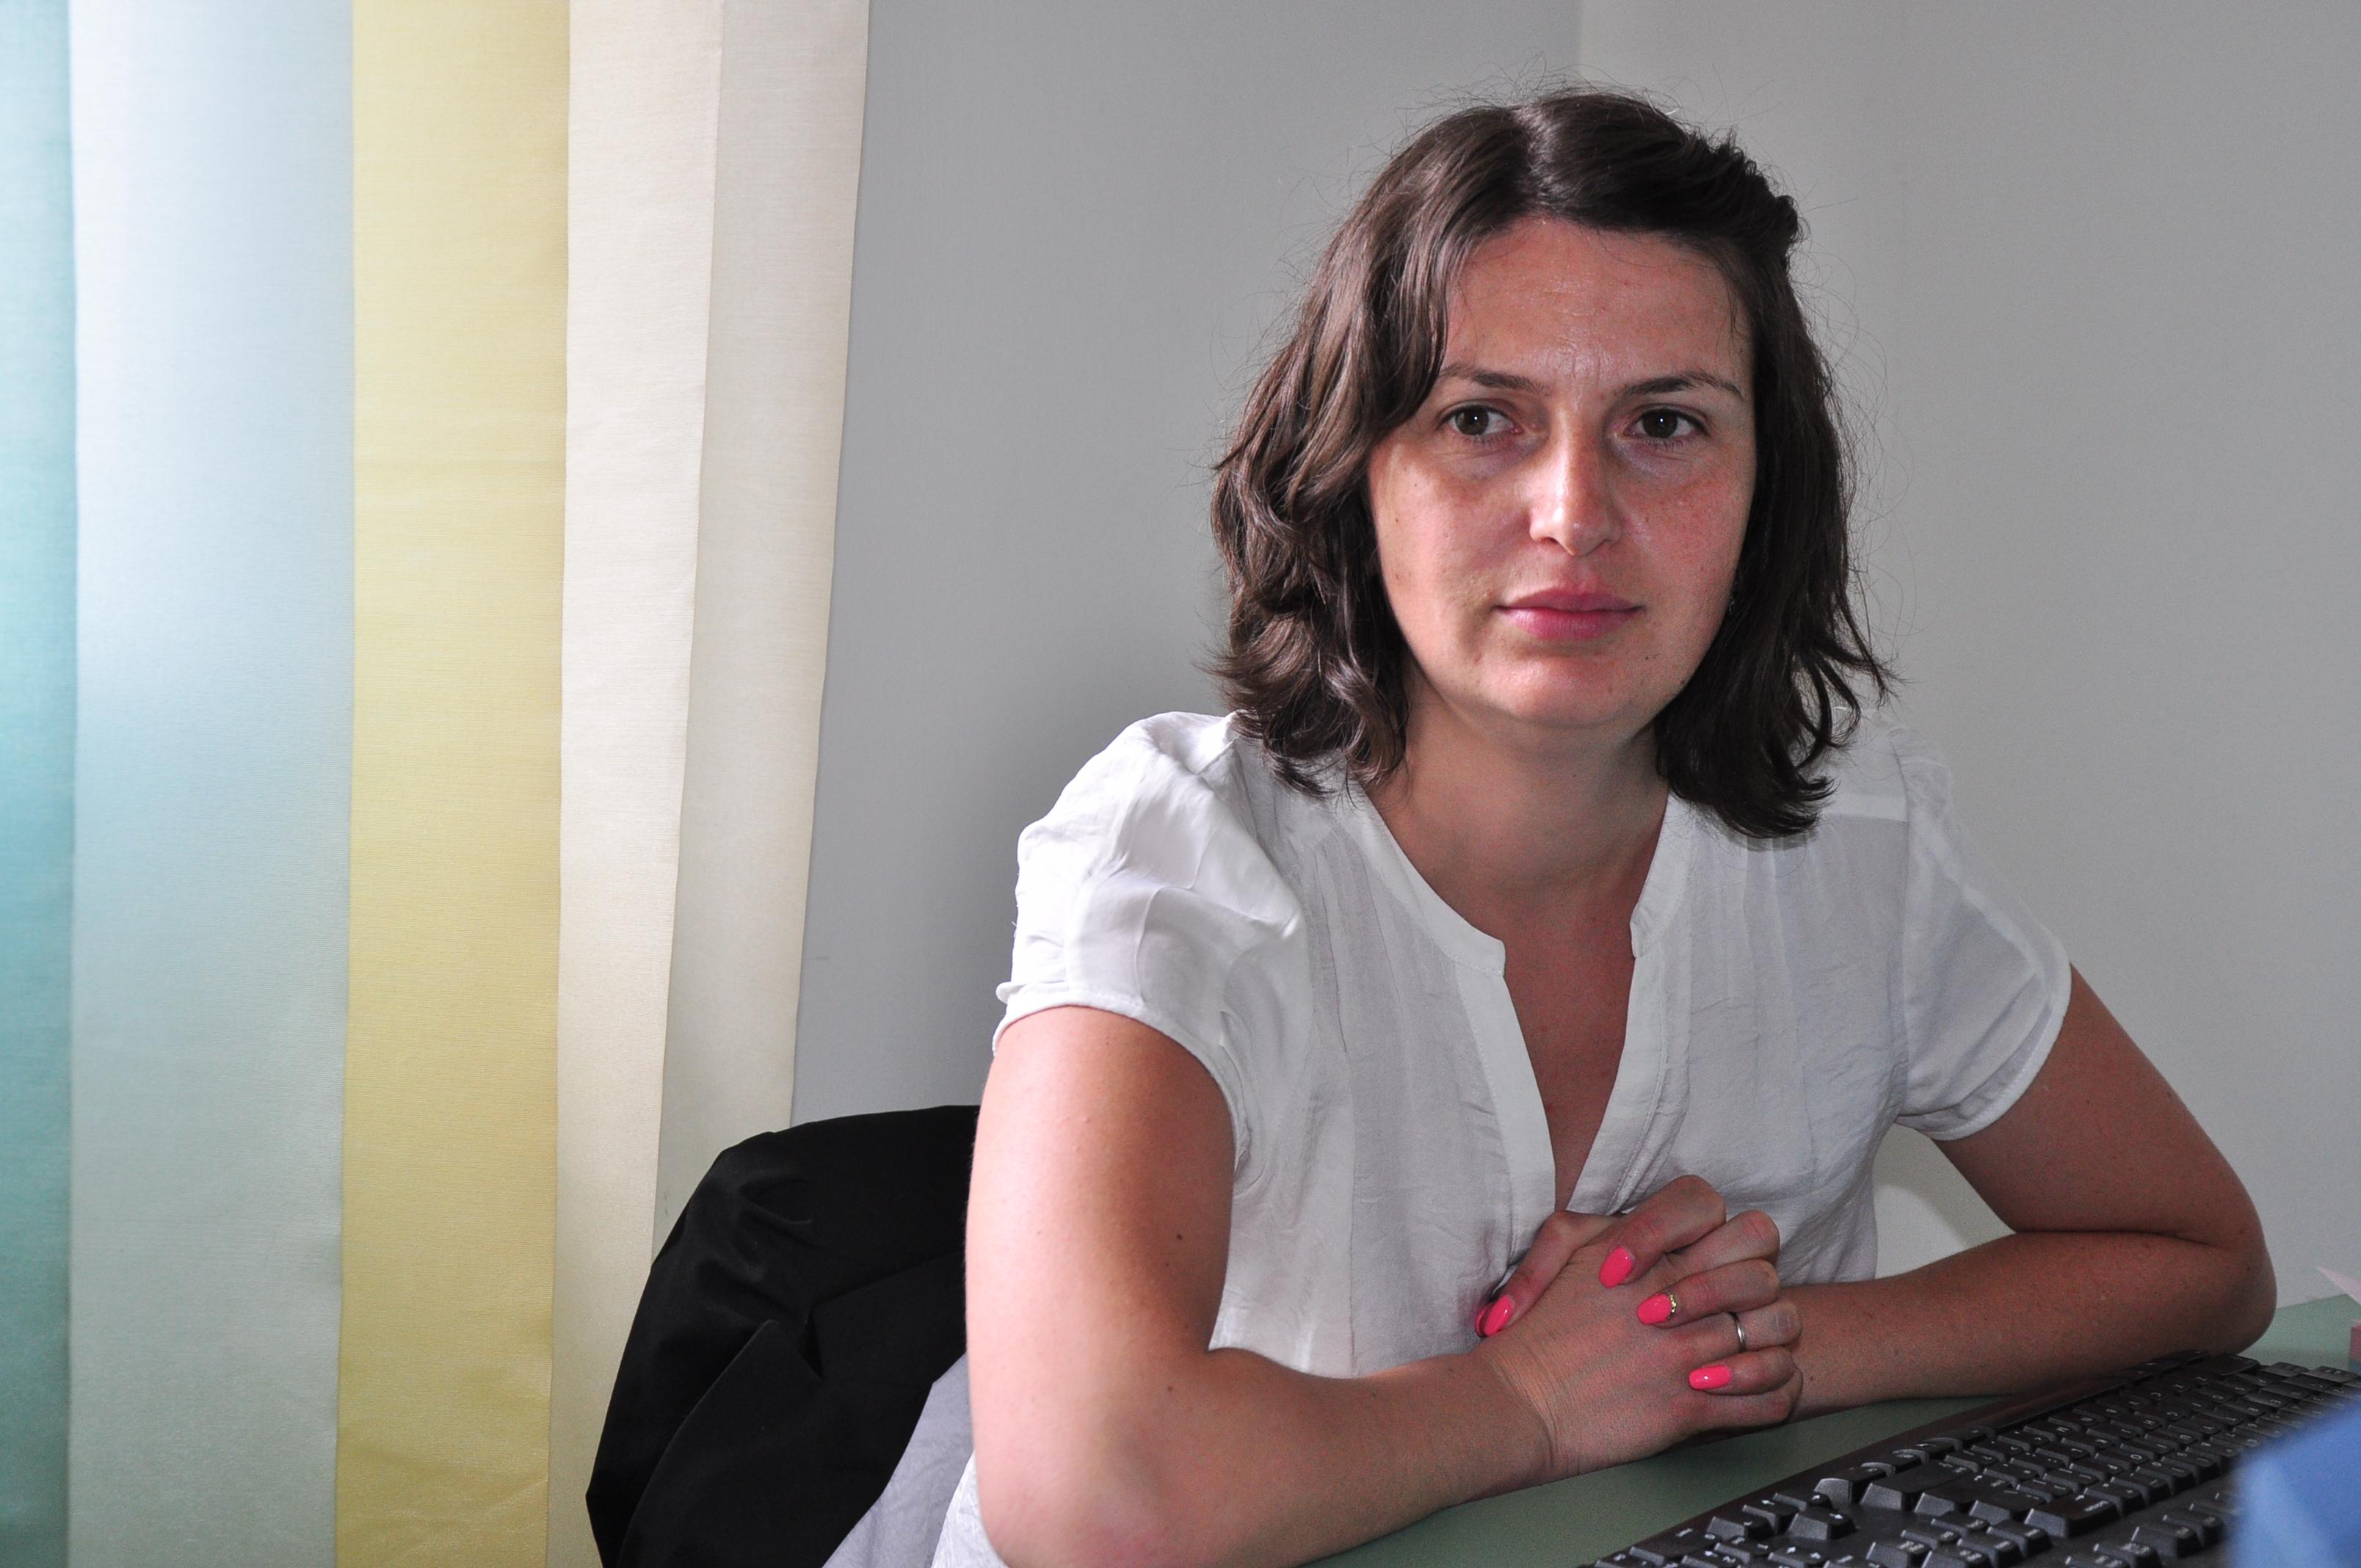 Adela Baghiu